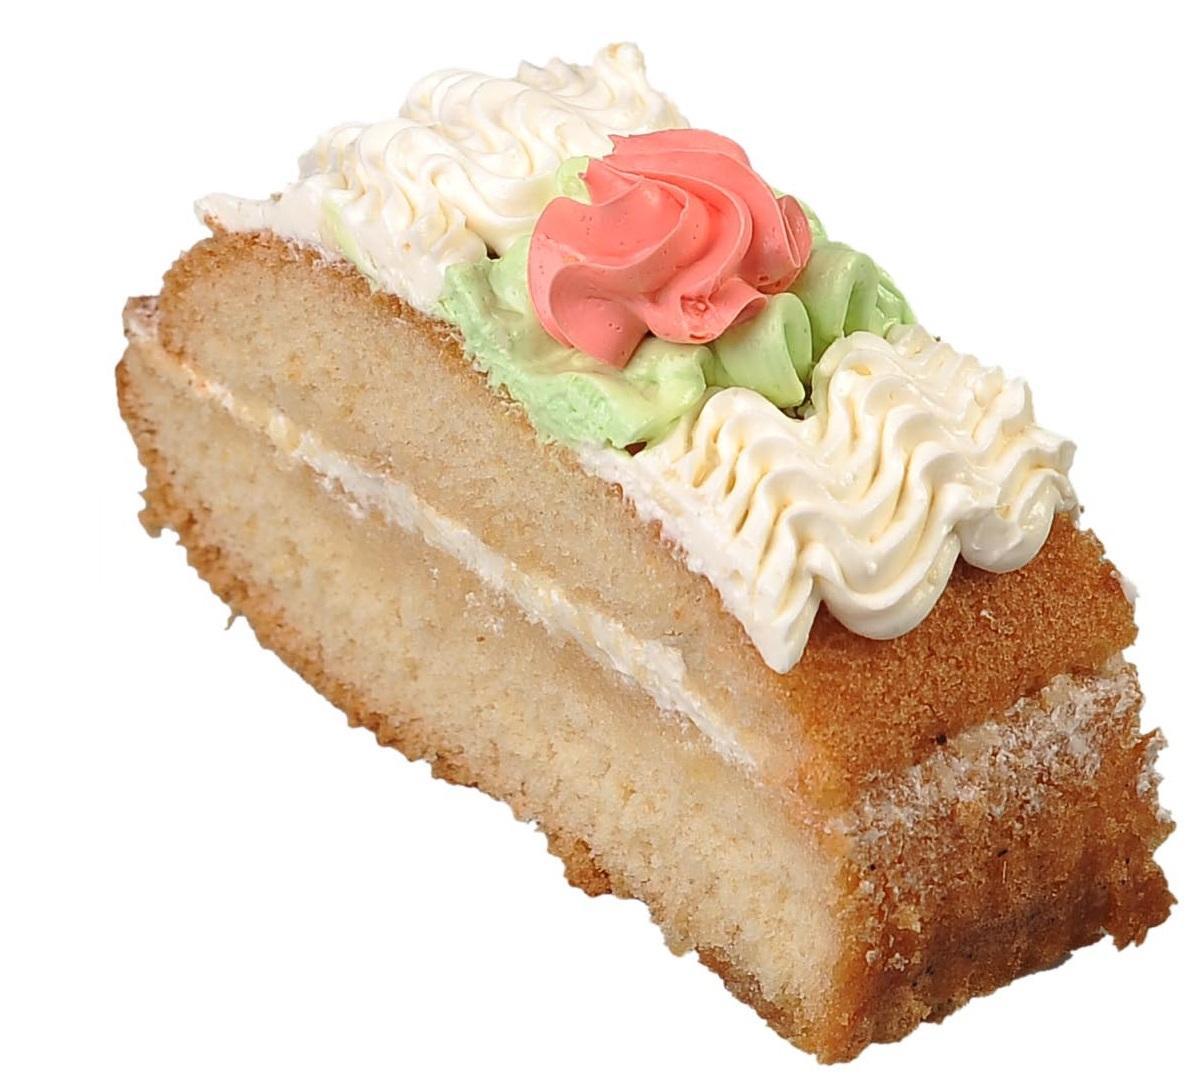 Пирожное Слоянка Пресладкие с нежным кремом